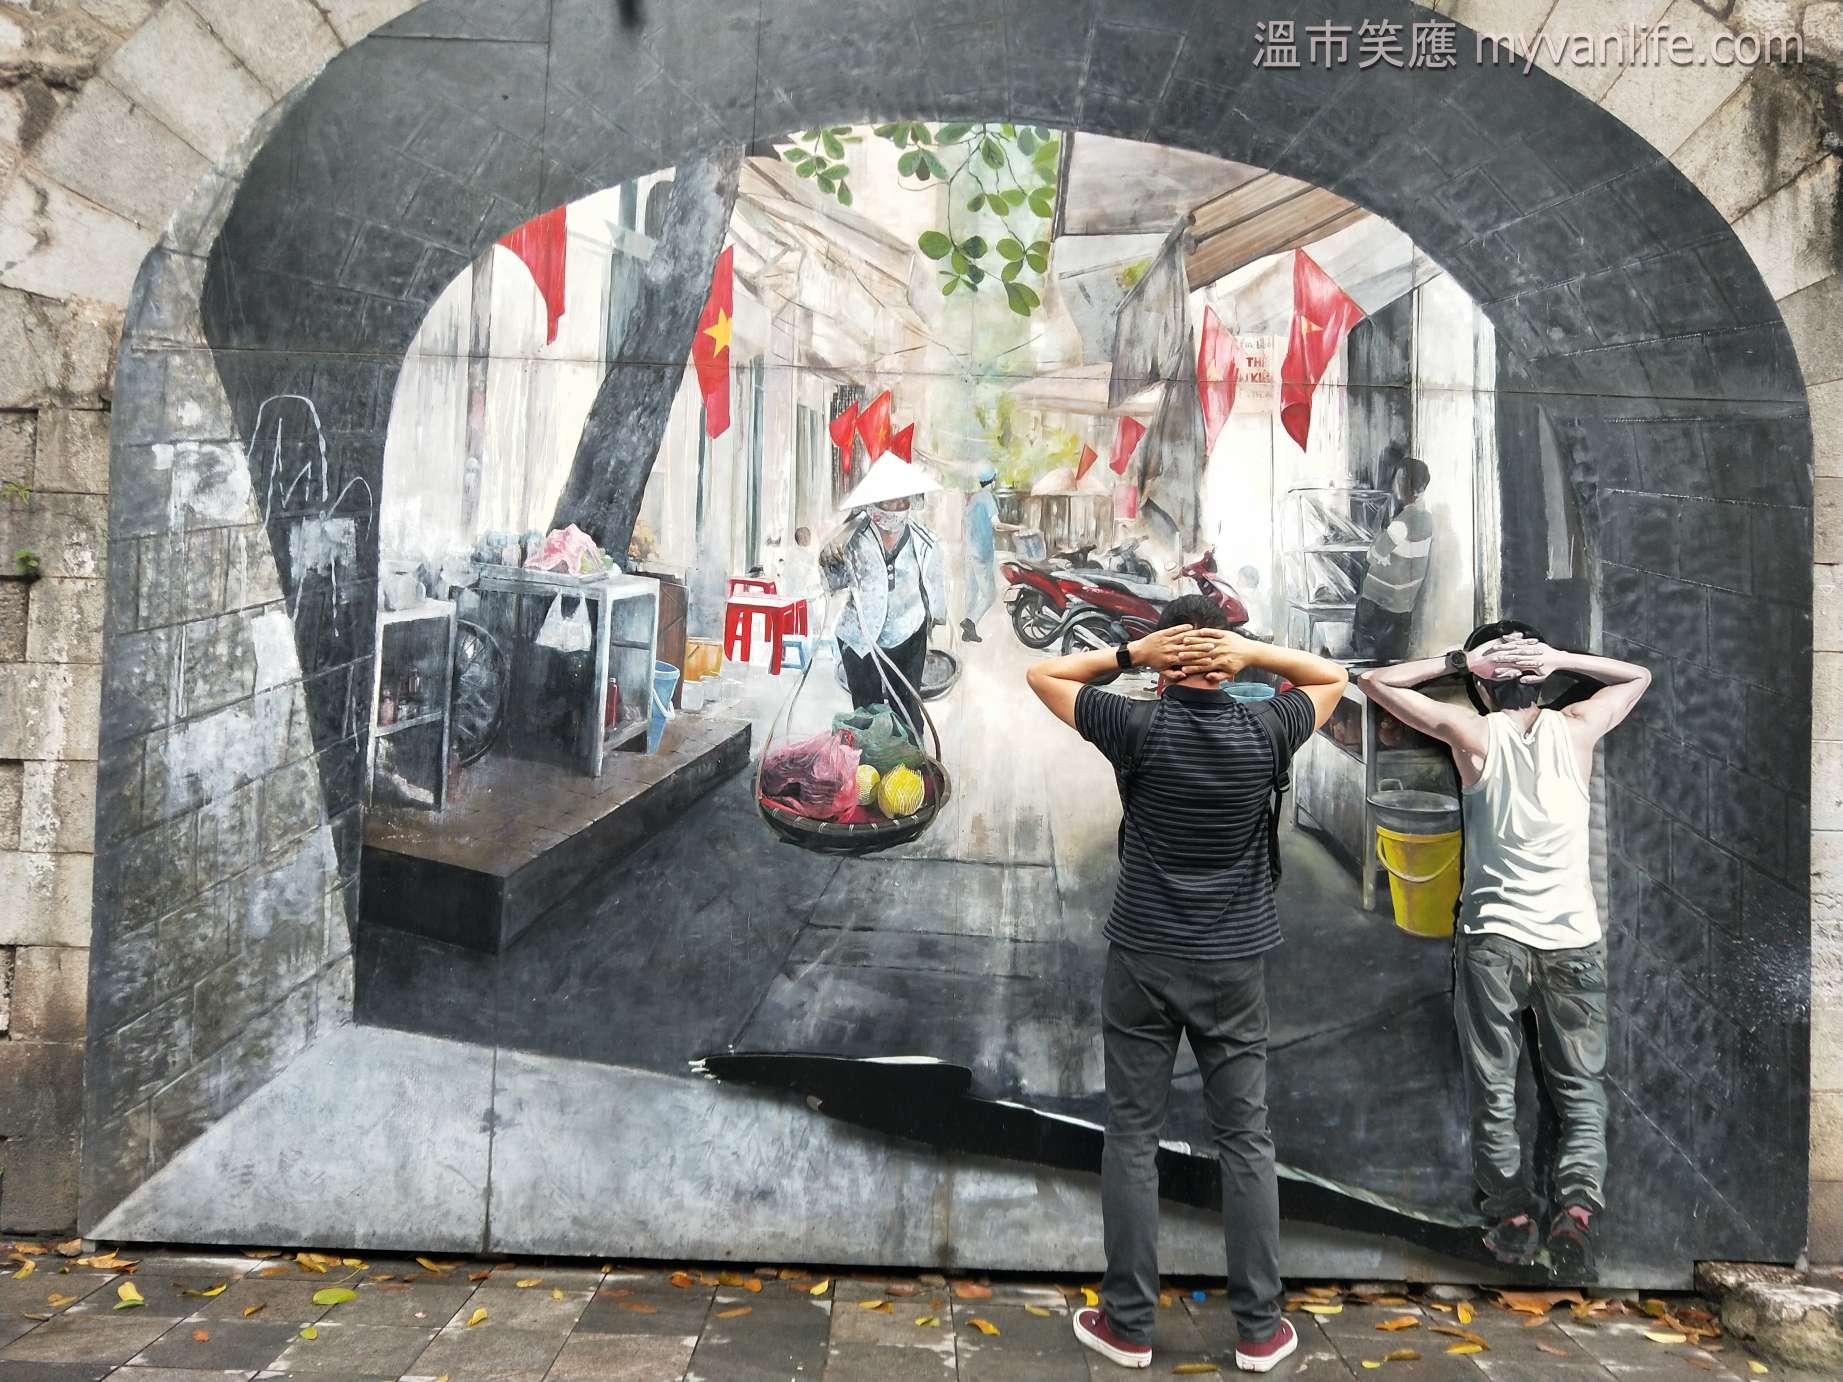 {越南旅遊} 河內的網紅壁畫街